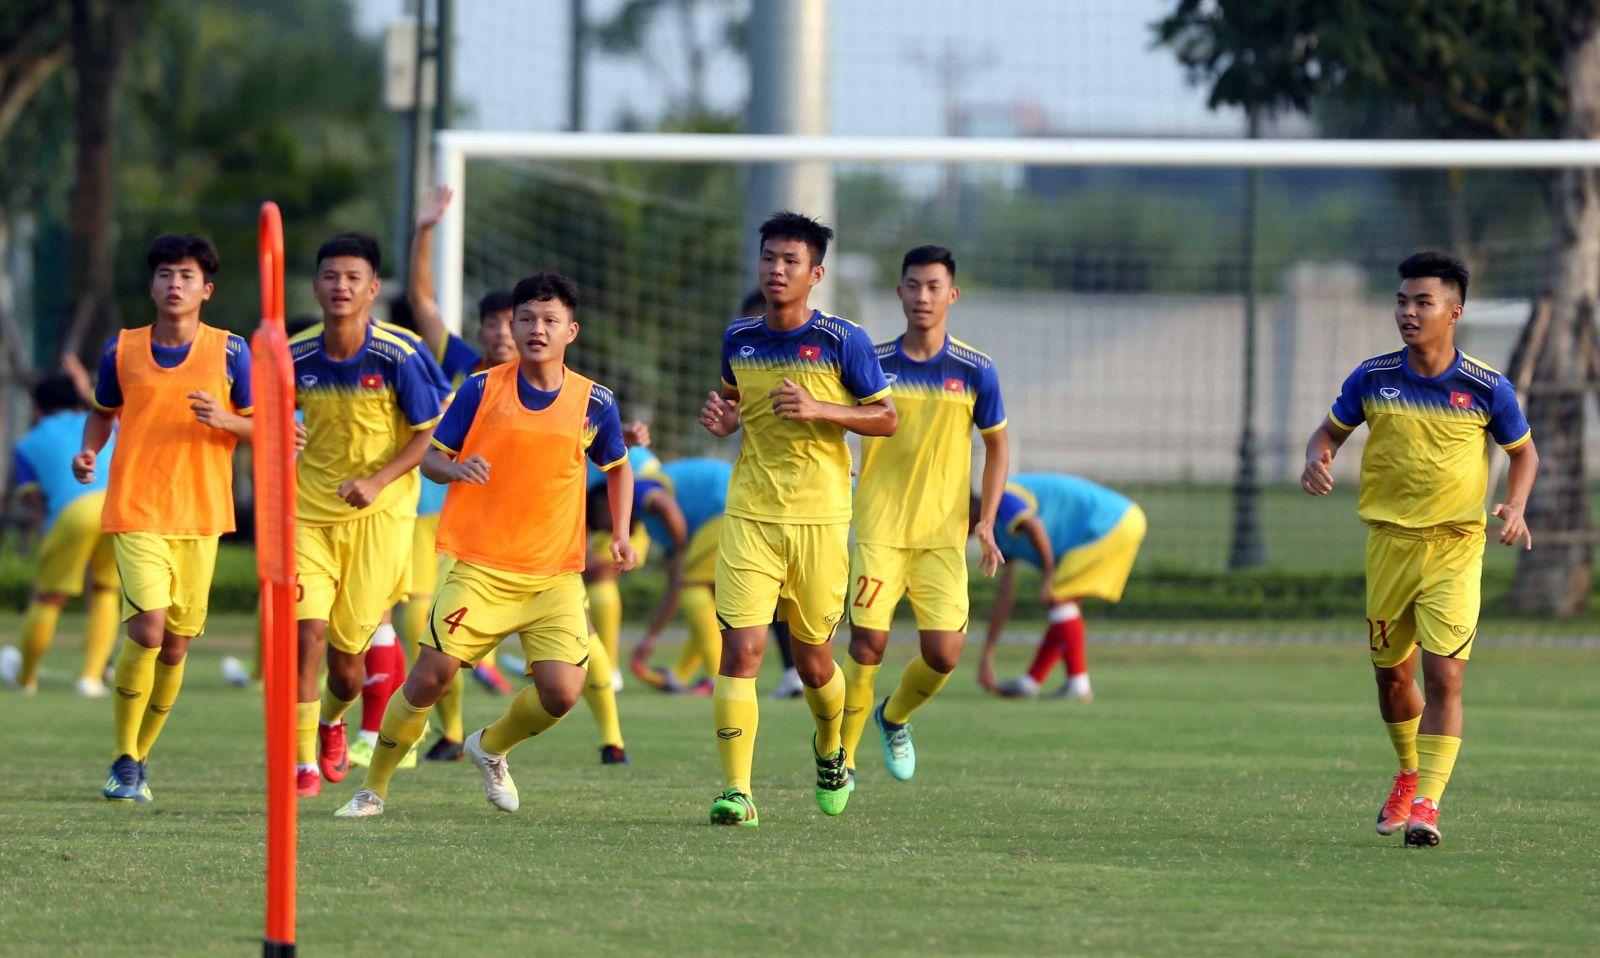 Top 6 cầu thủ trẻ tiềm năng nhất của U19 Việt Nam